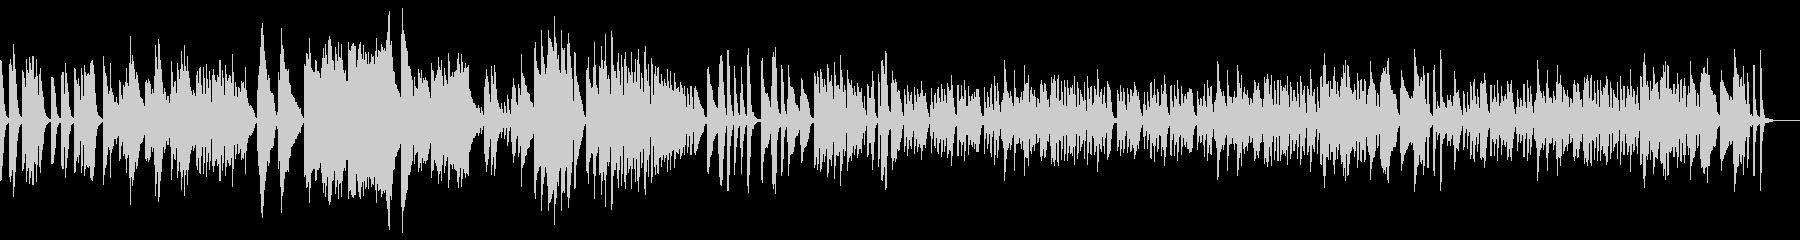 アイネクライネ軽快で繊細なソロピアノEDの未再生の波形